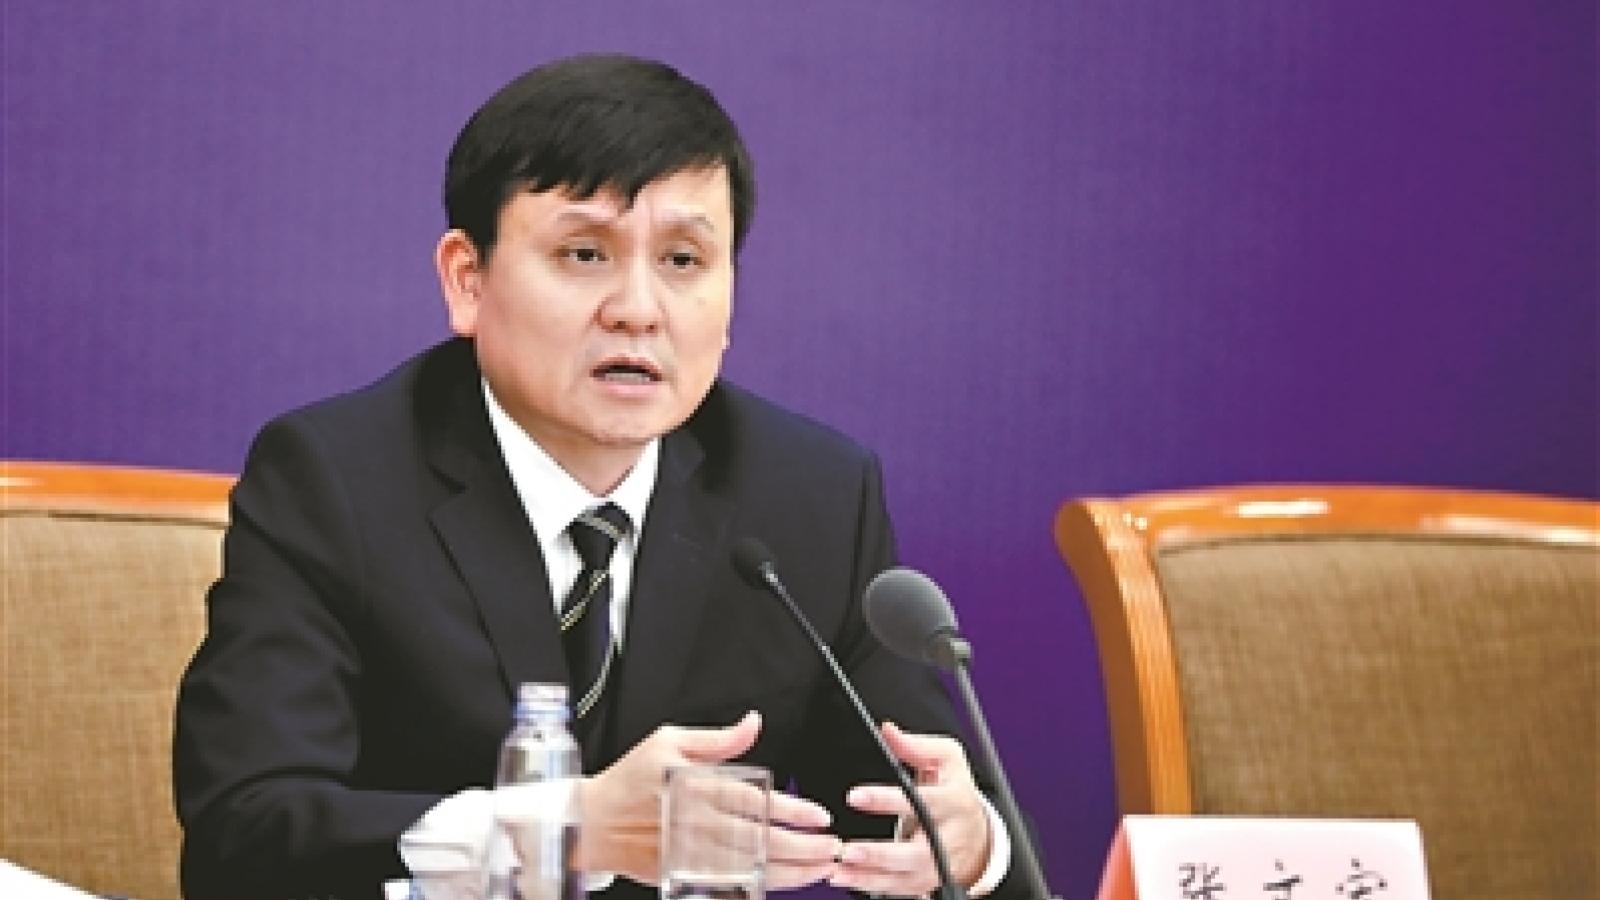 Chuyên gia Trung Quốc cảnh báo nguy cơ nếu không tiêm vaccine ngừa Covid-19 sớm